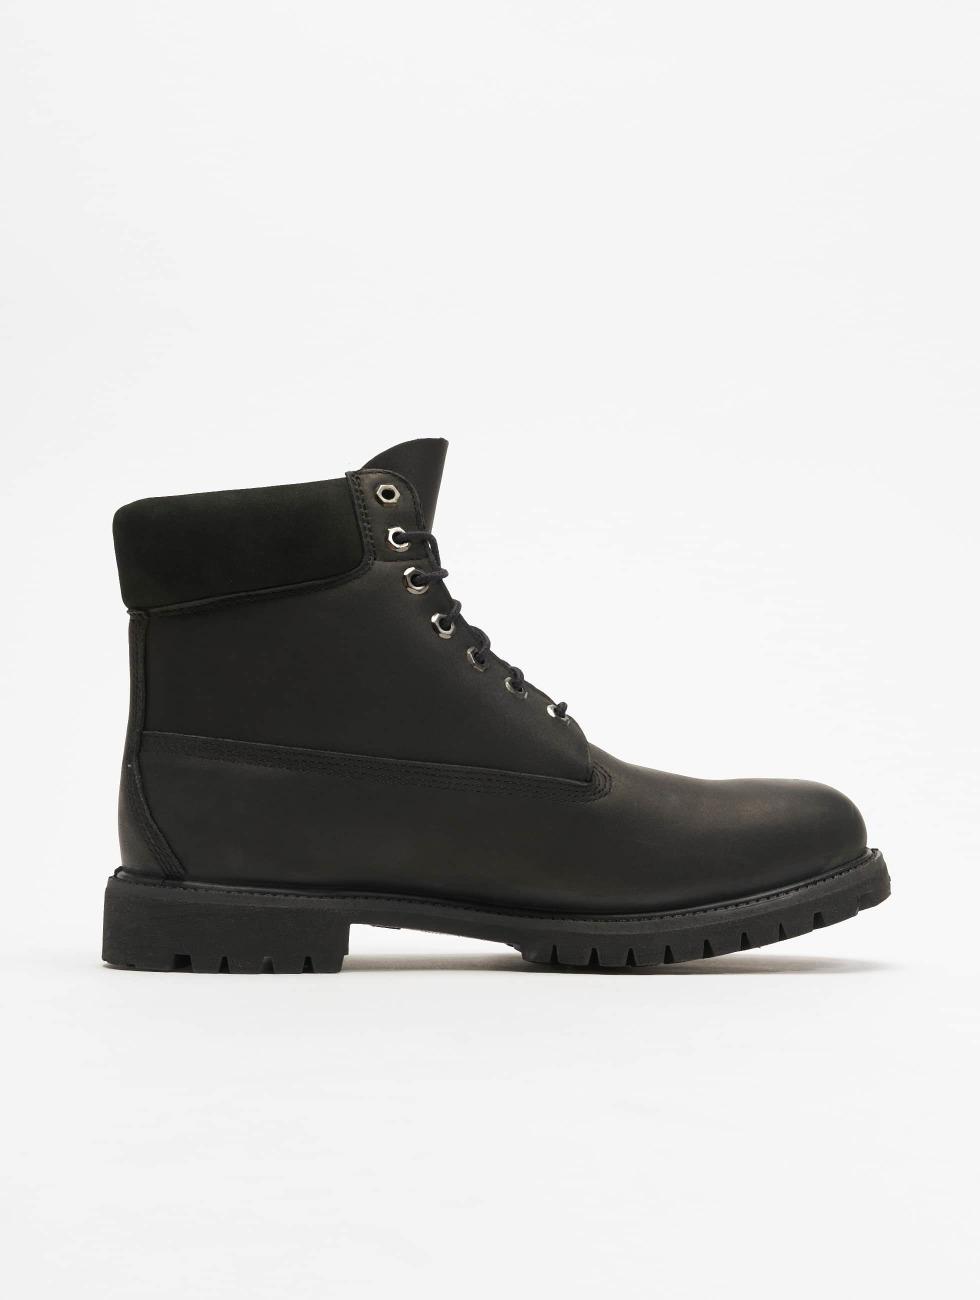 Timberland schoen / Boots Icon 6 In Premium in zwart 269722 Kopen Goedkope Top Kwaliteit 5sp2gc